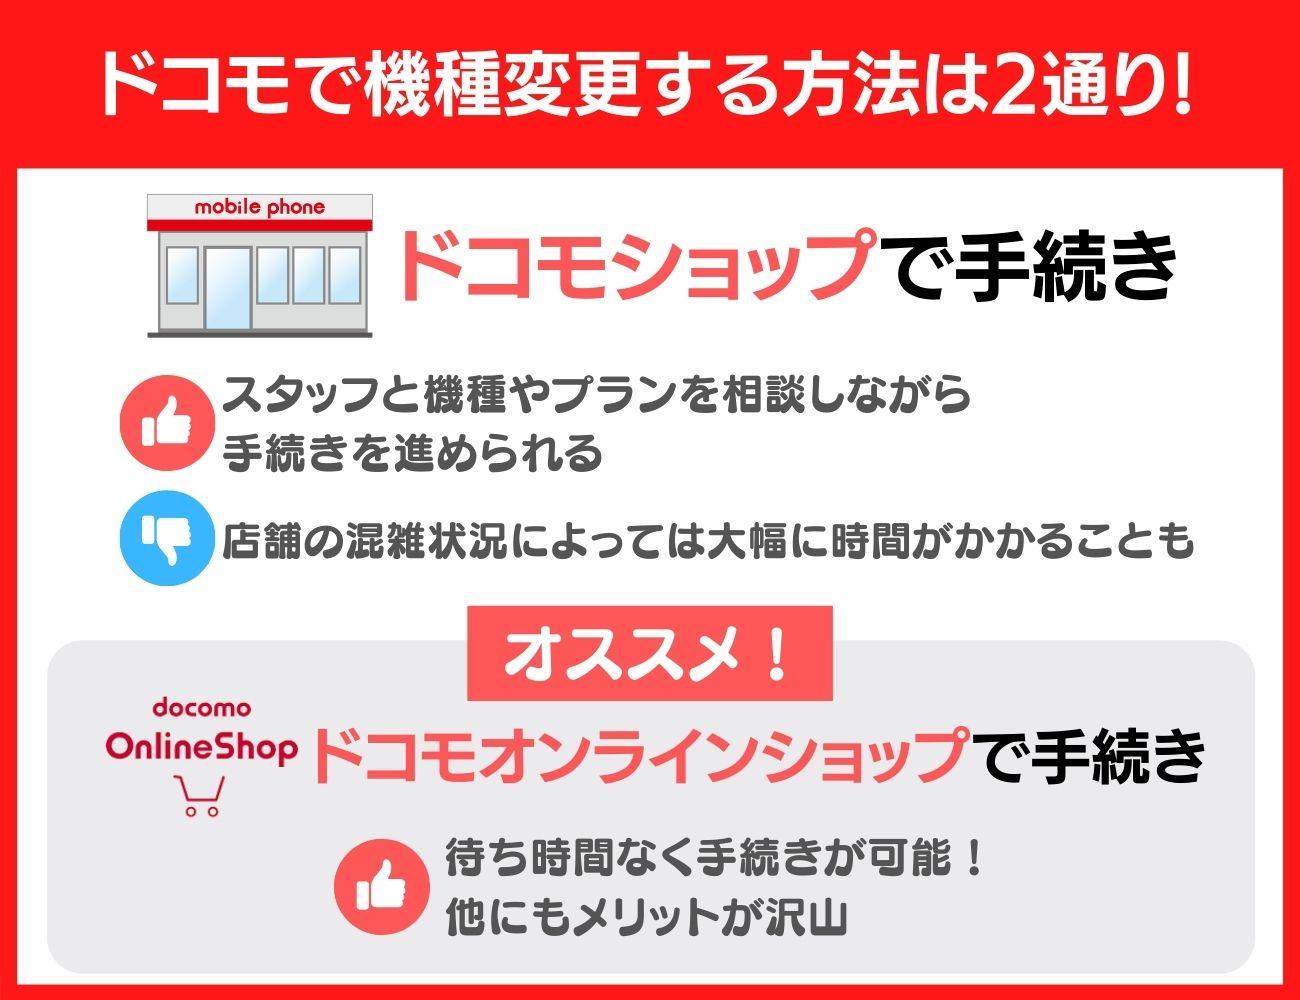 ドコモで機種変更する方法は店舗でもネットでも可能!